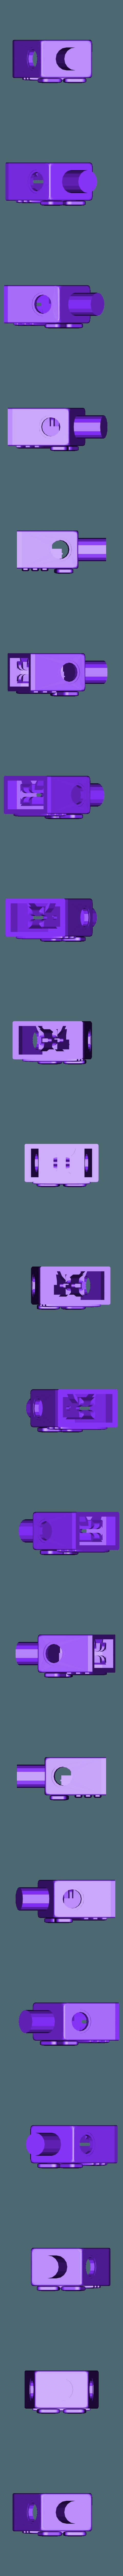 Troll-Torso.stl Télécharger fichier STL gratuit Lego compatible Giantic Troll Giantic Troll • Objet à imprimer en 3D, plokr